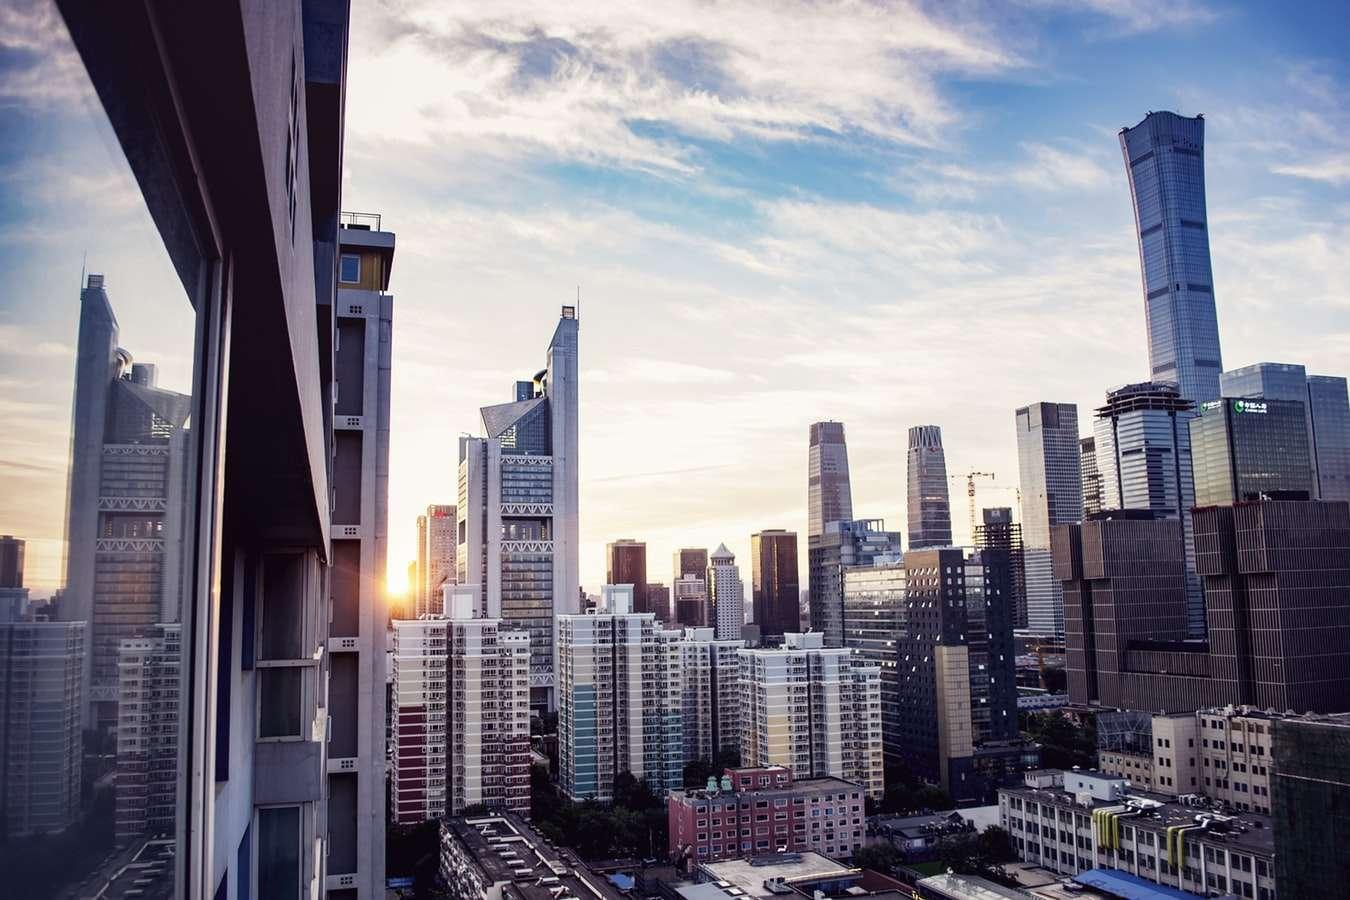 2020 में एशिया महाद्वीप होगी दुनिया की सबसे बड़ी जीडीपी